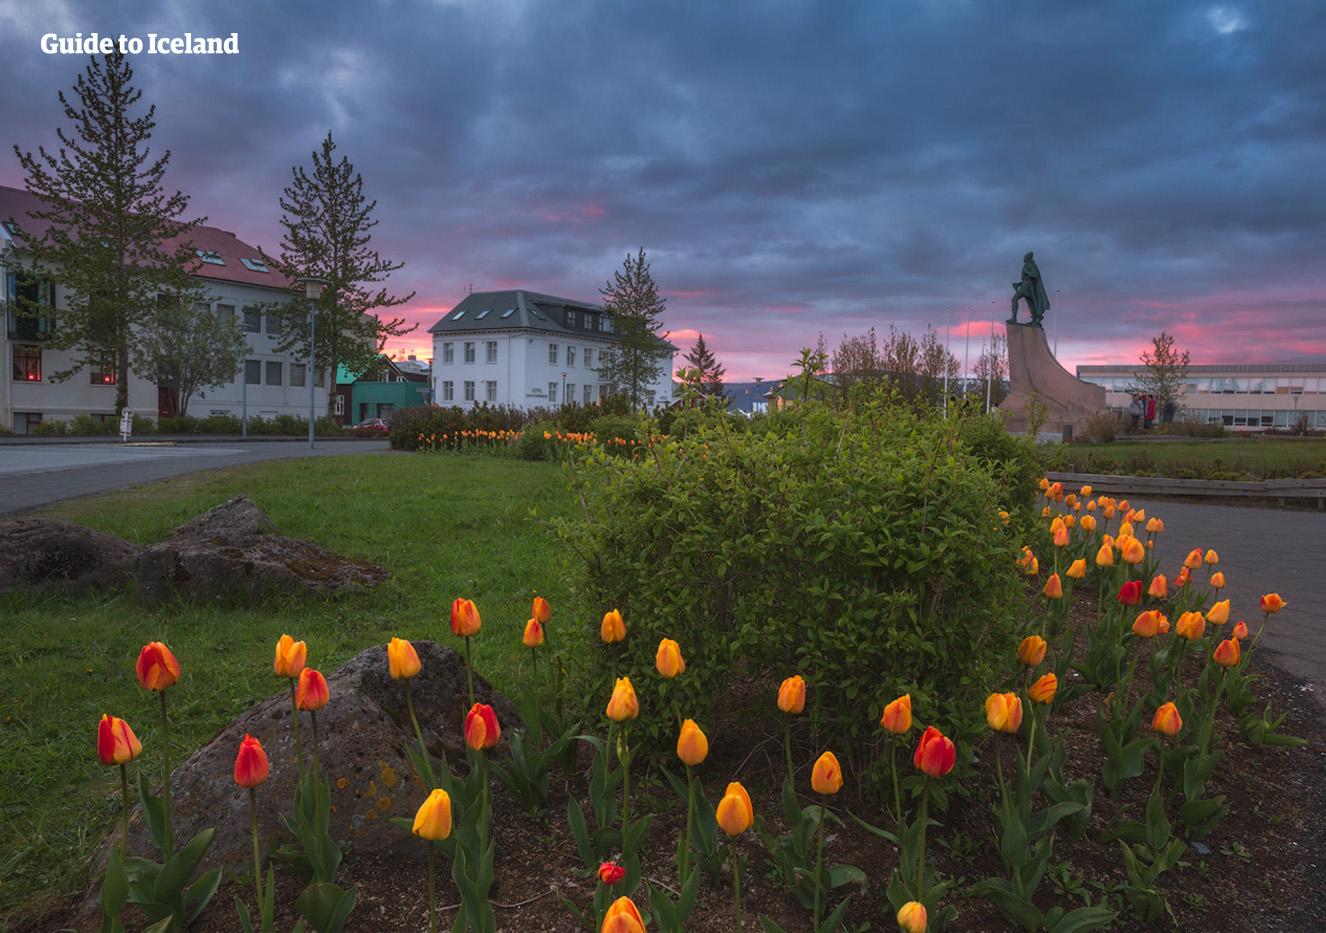 Blumen blühen im Sommer in Reykjavik.